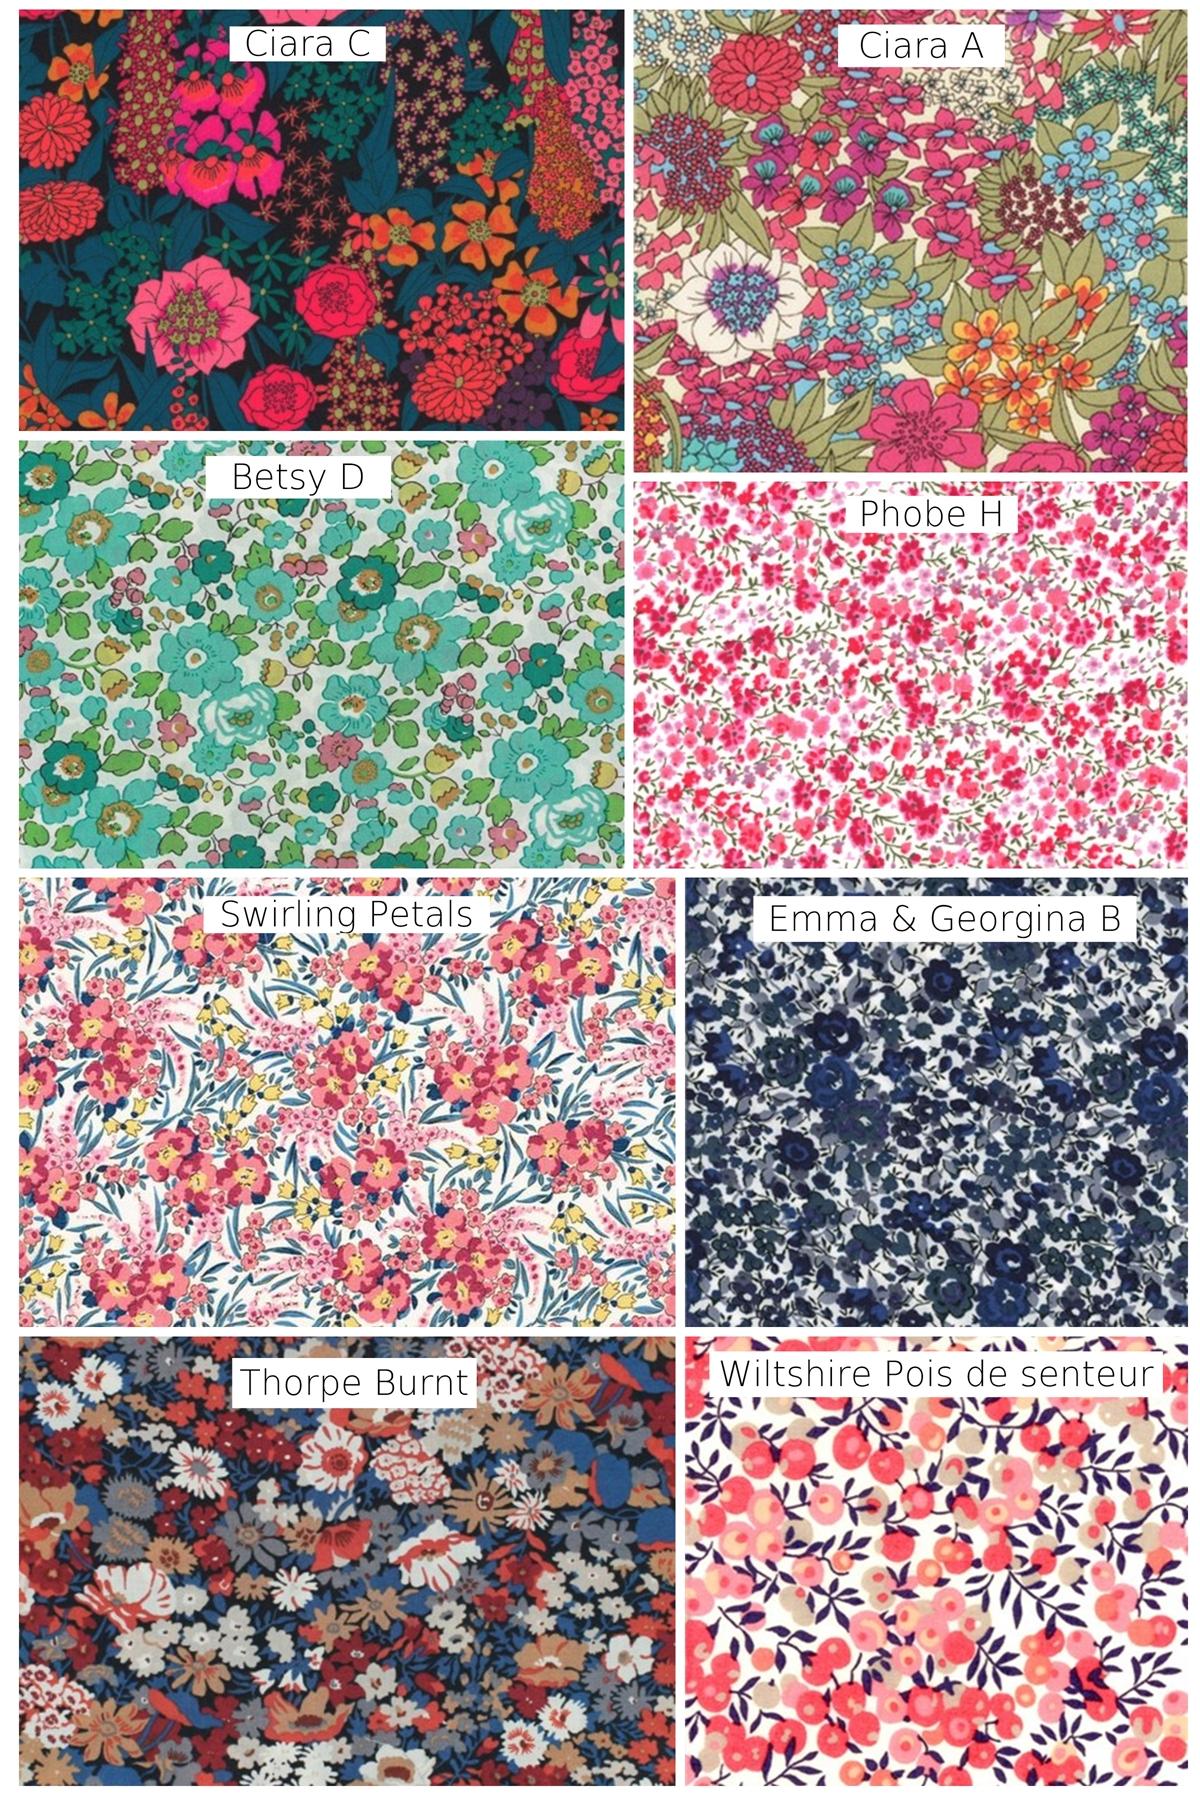 Liberty printemps 2021 Alice MARTY Couture florale Accessoires fleuris Albi Toulouse